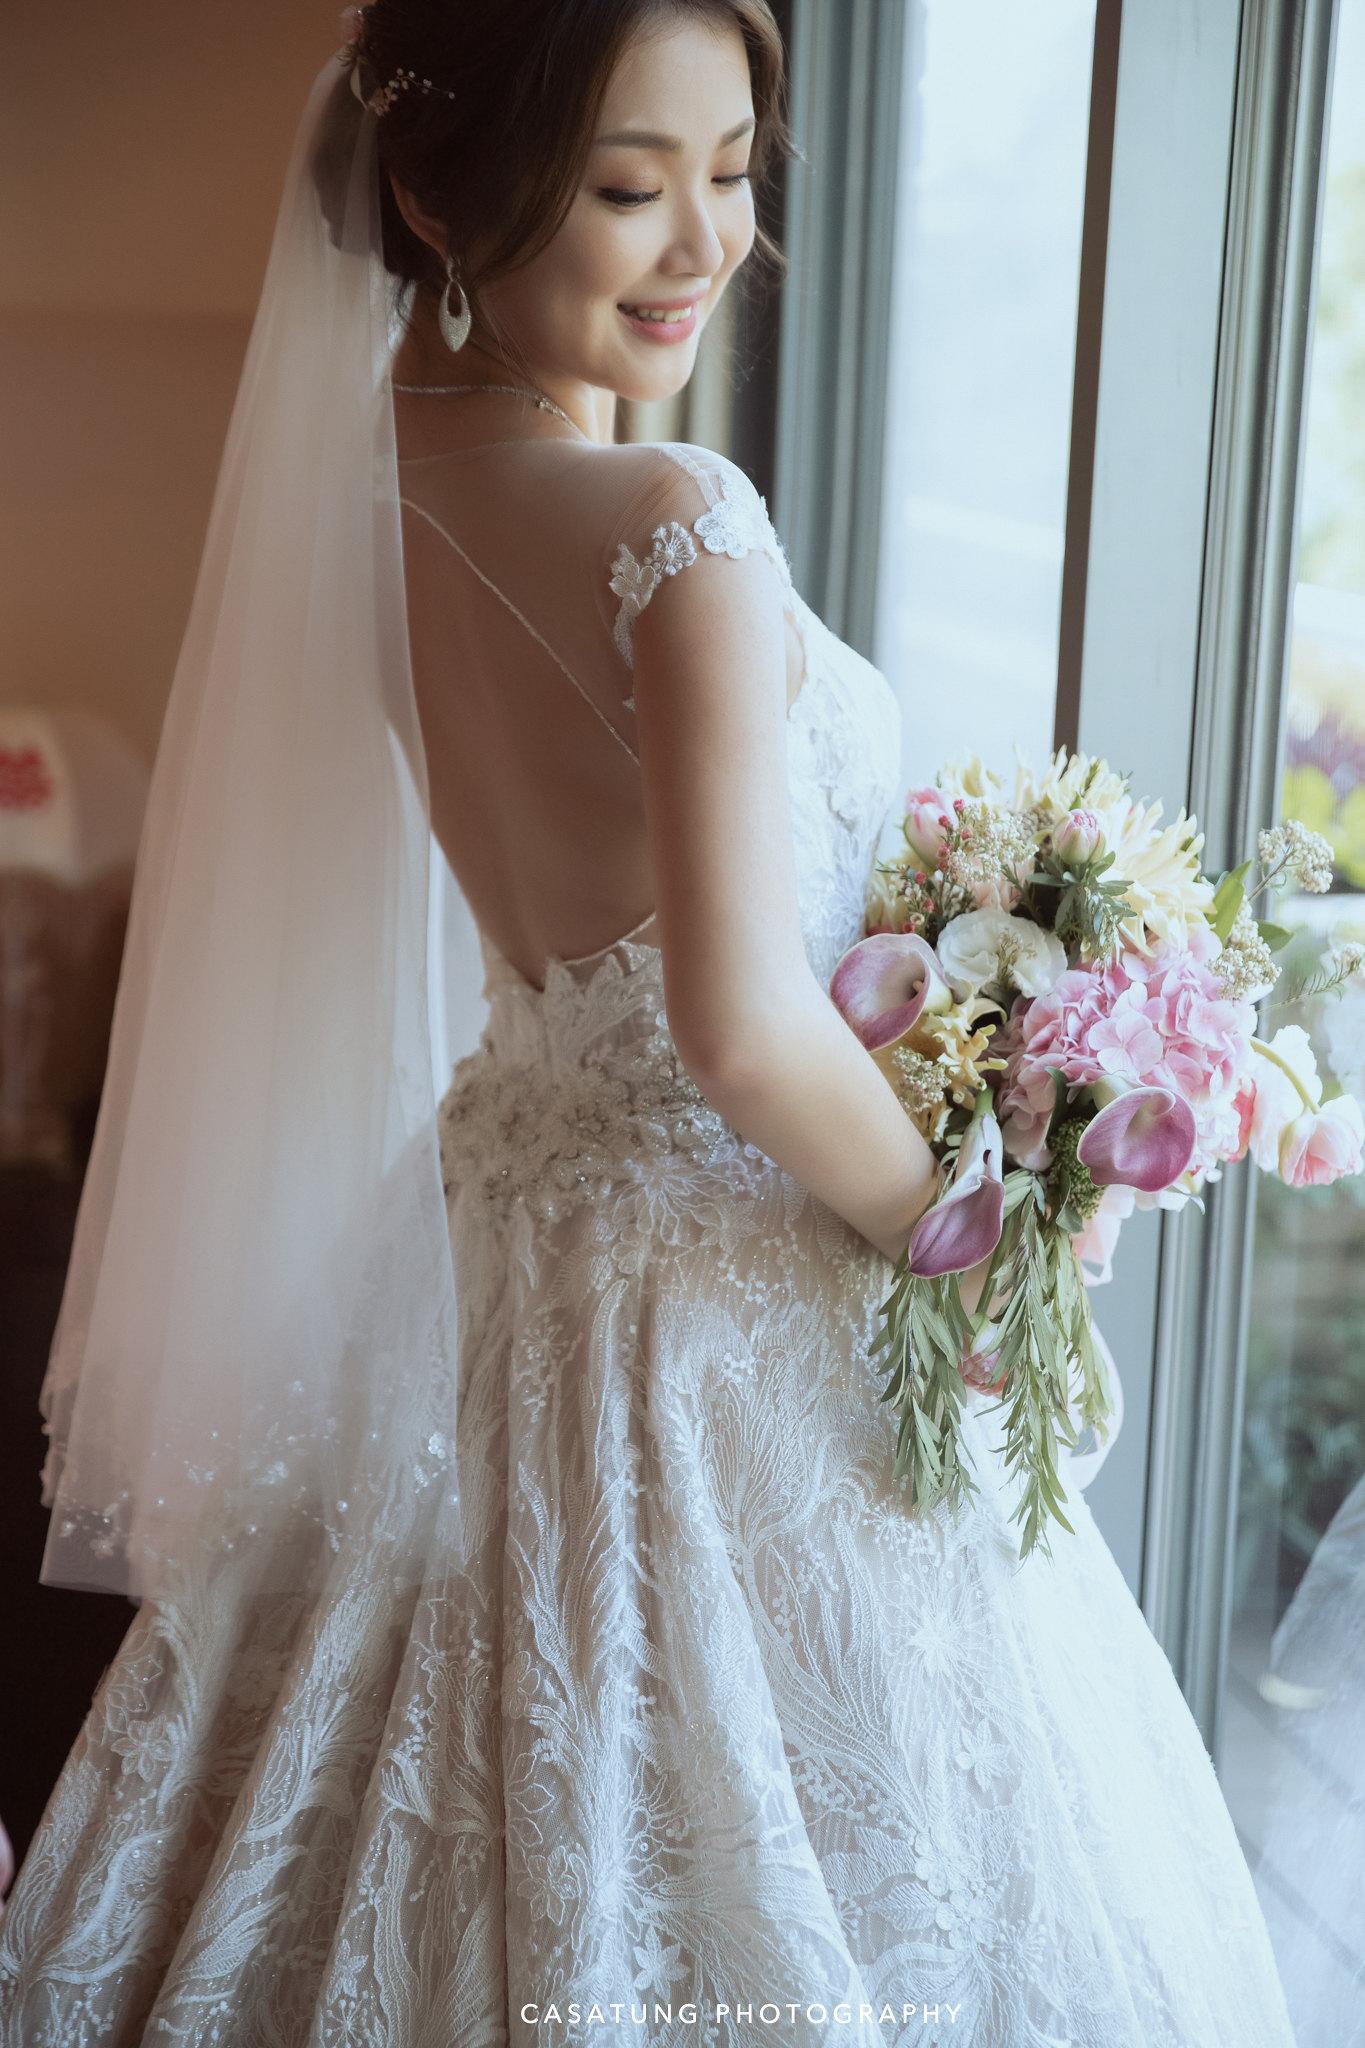 台中自助婚紗,旋轉木馬,casatung,心之芳庭,婚攝casa-115-0